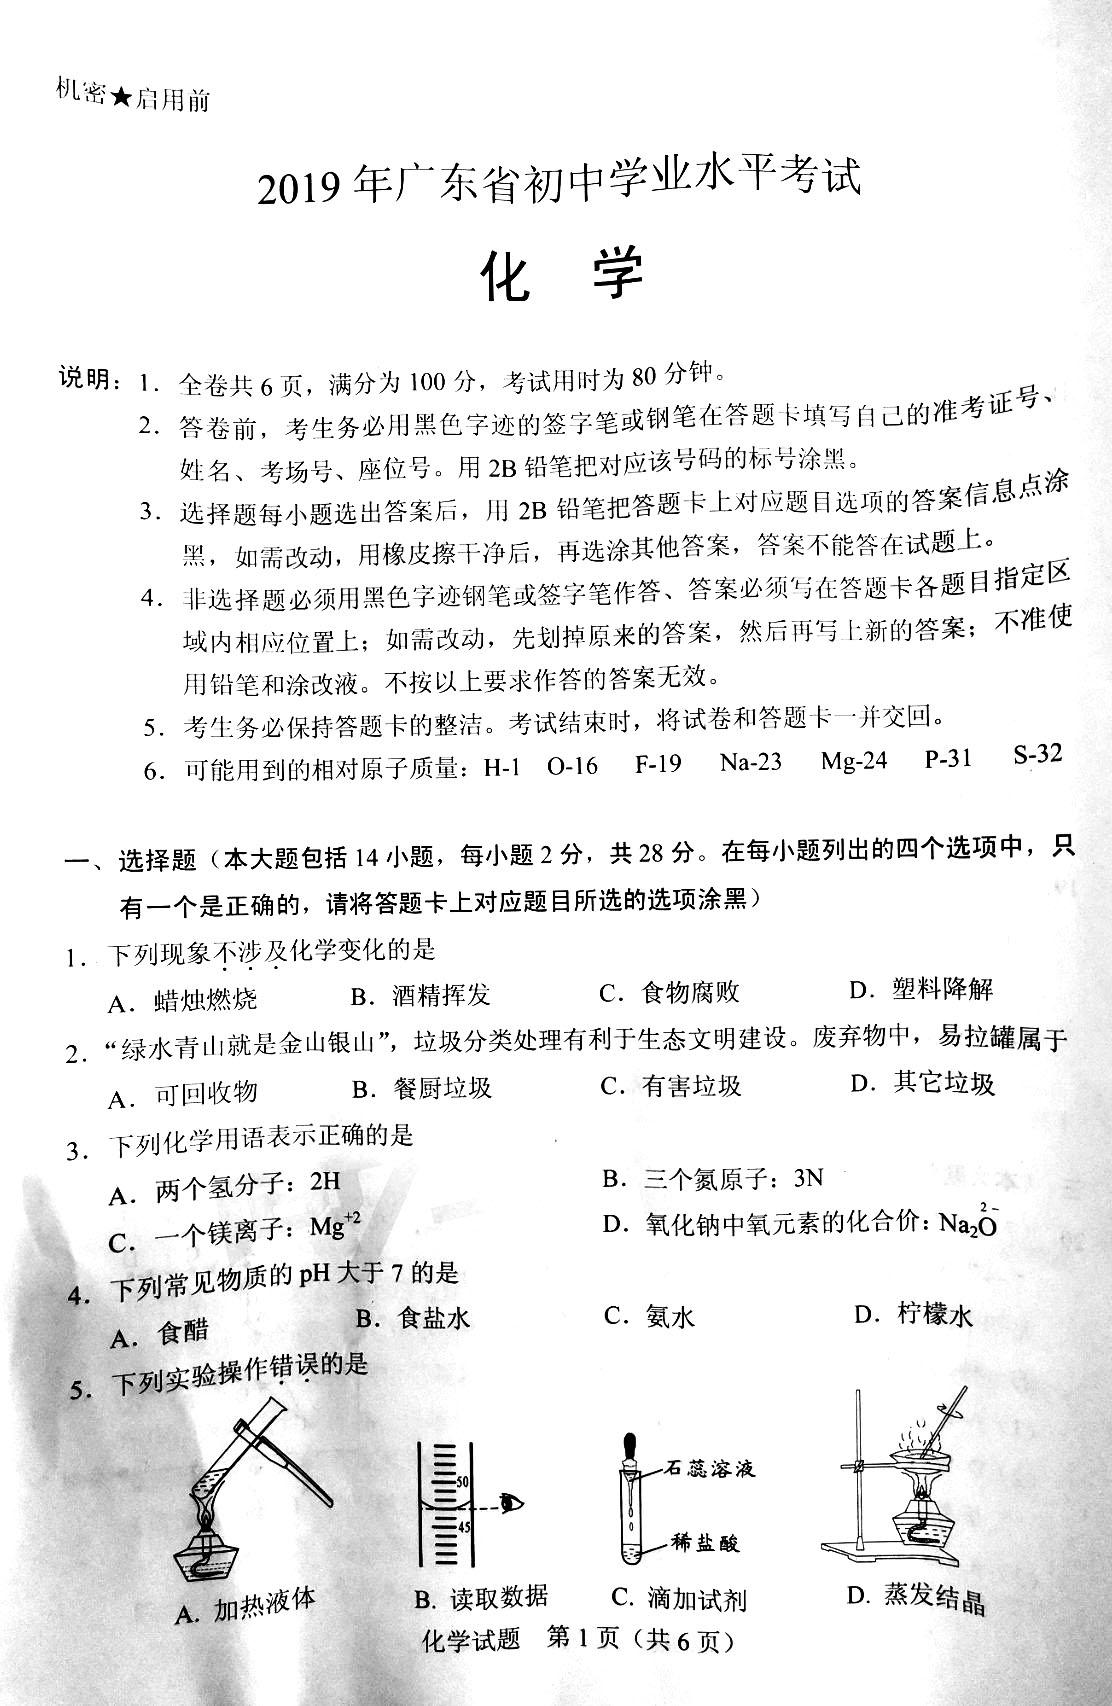 2019年广东中考《化学》真题及答案已公布